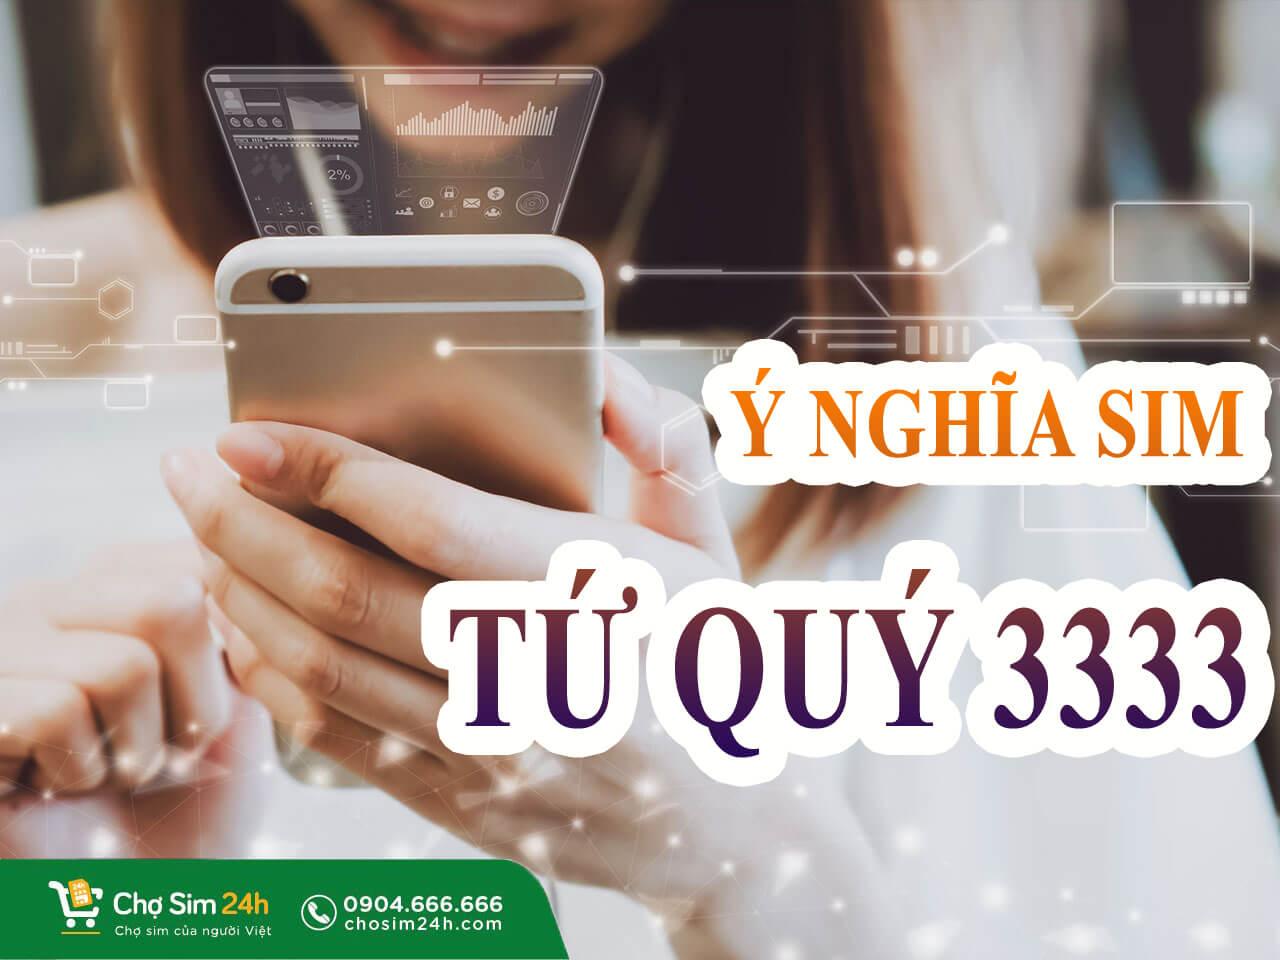 y-nghia-sim-tu-quy-3333_6